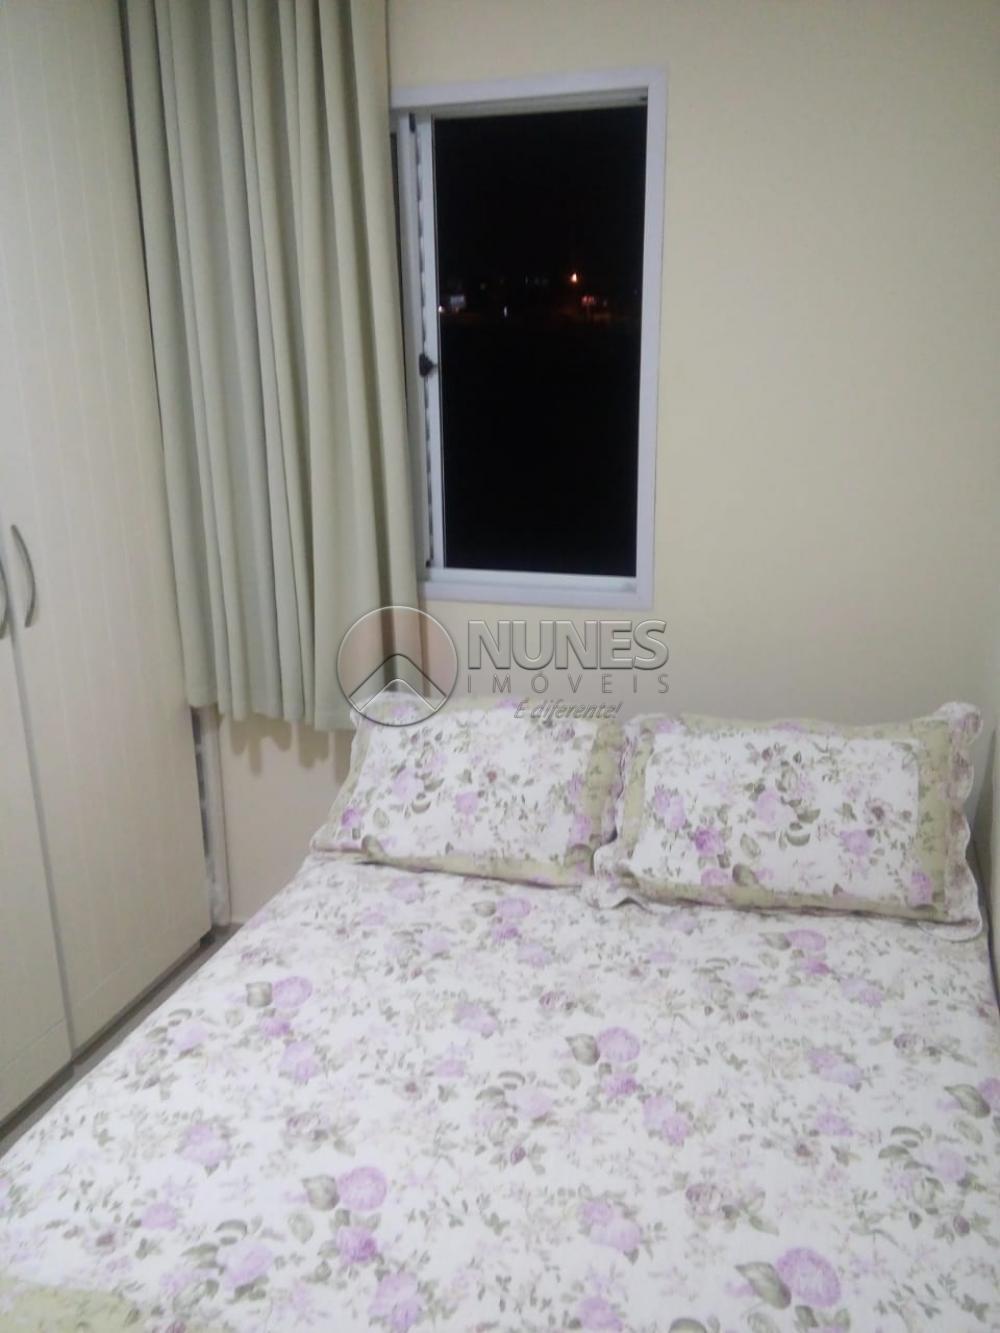 Comprar Apartamento / Padrão em Carapicuíba apenas R$ 200.000,00 - Foto 16